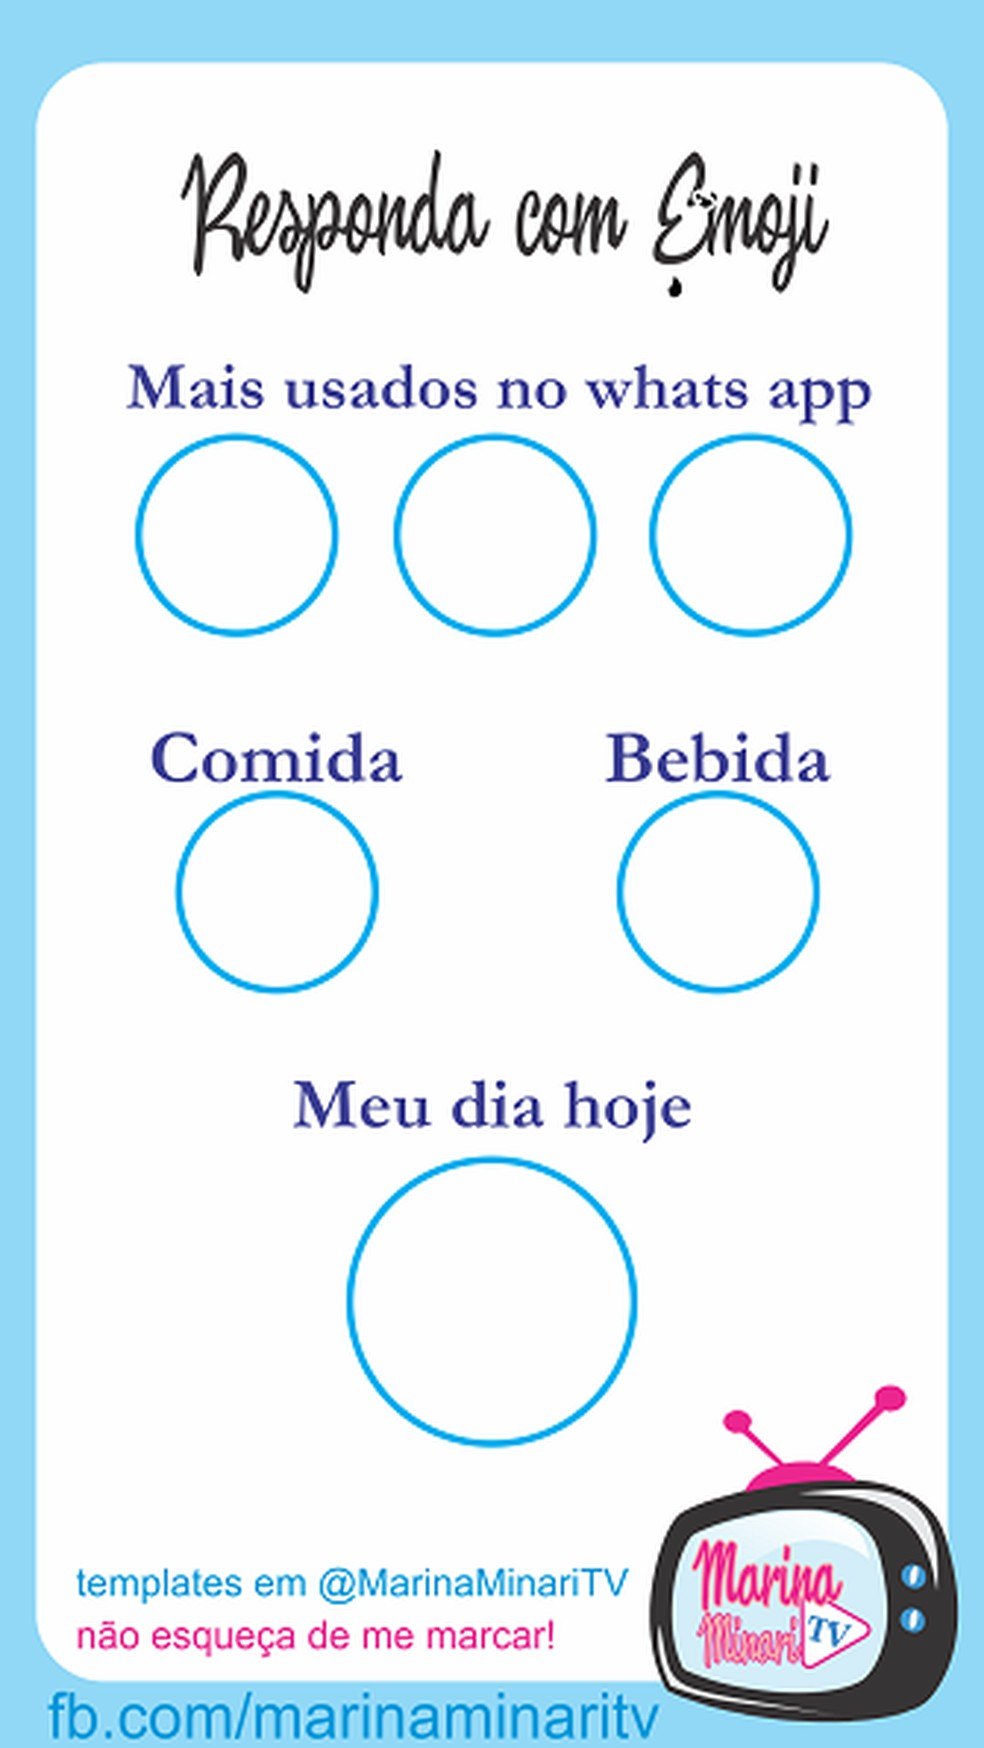 Nessa brincadeira para status de WhatsApp, as perguntas só podem ser respondidas com o uso de emojis — Foto: (Reprodução/Pinterest)